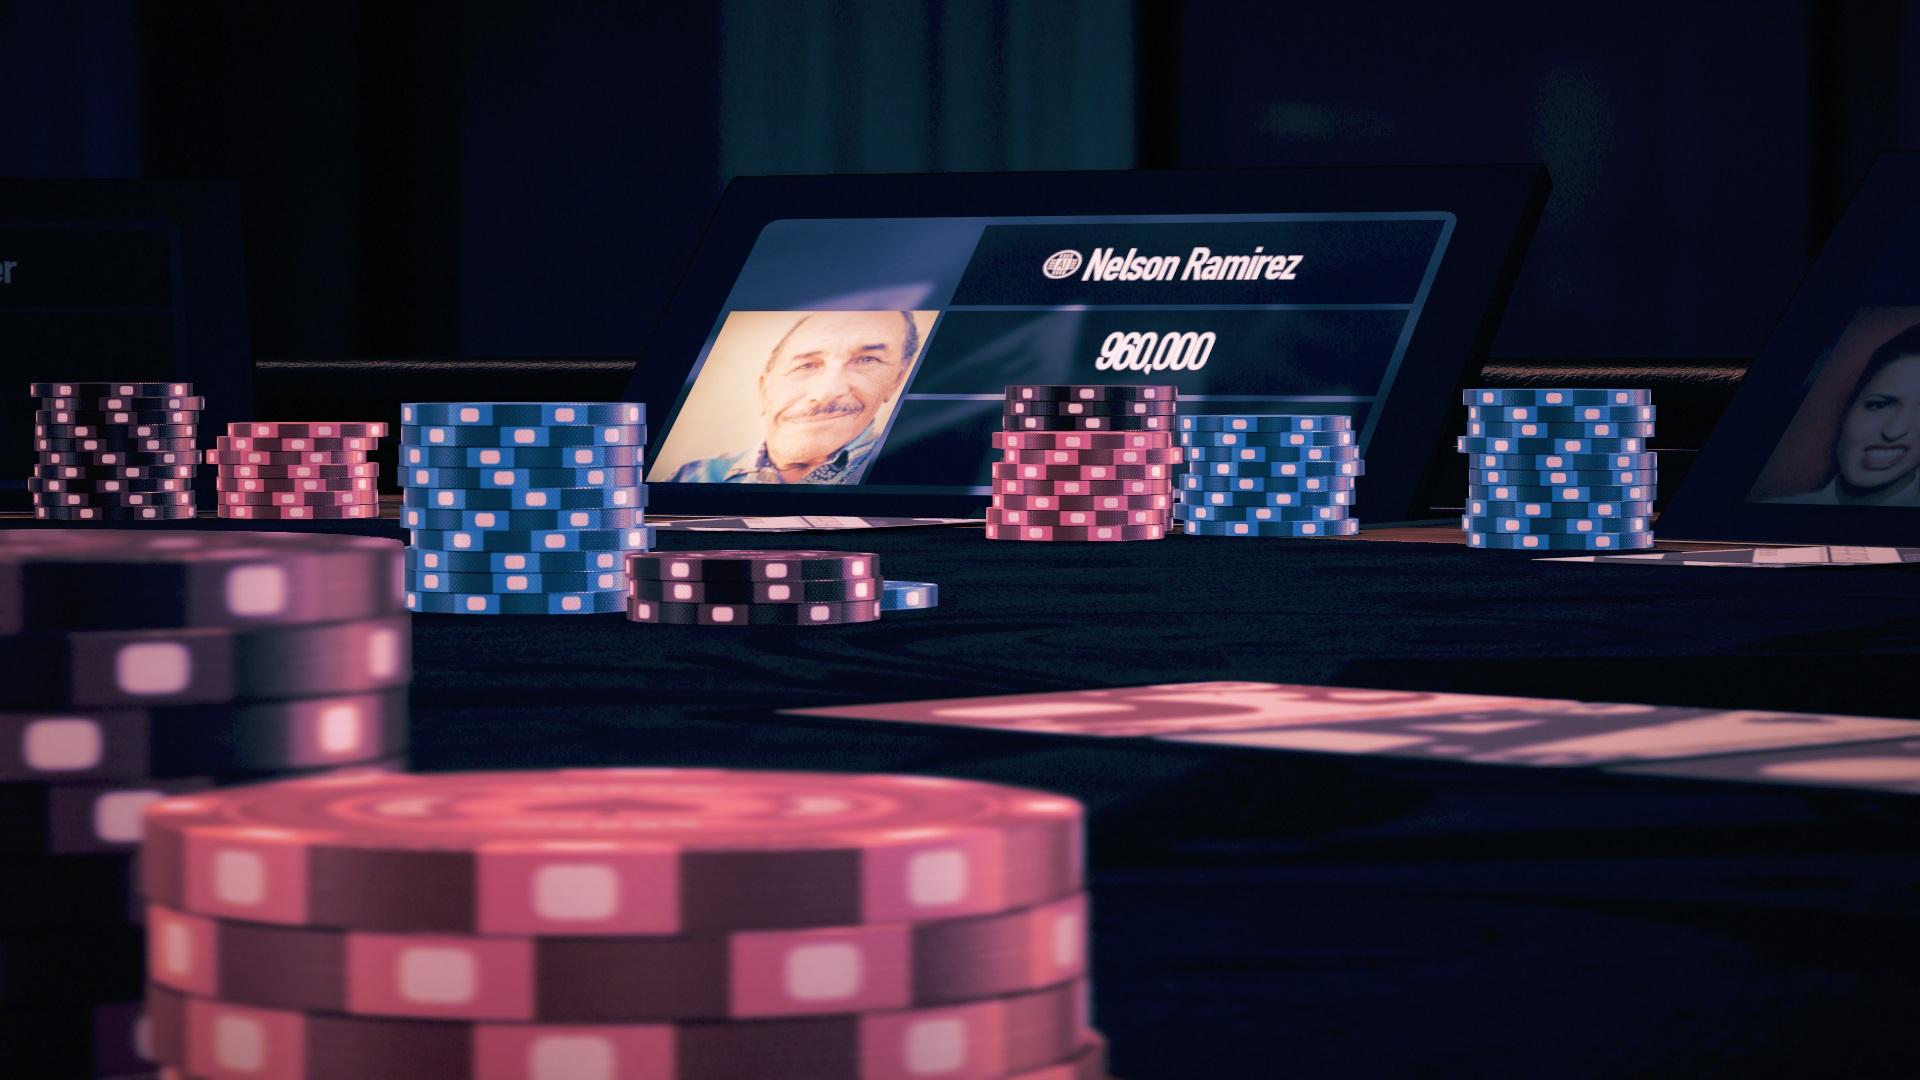 Un Nouveau Jeu De Poker Arrive Avec Pure Hold Em Xbox